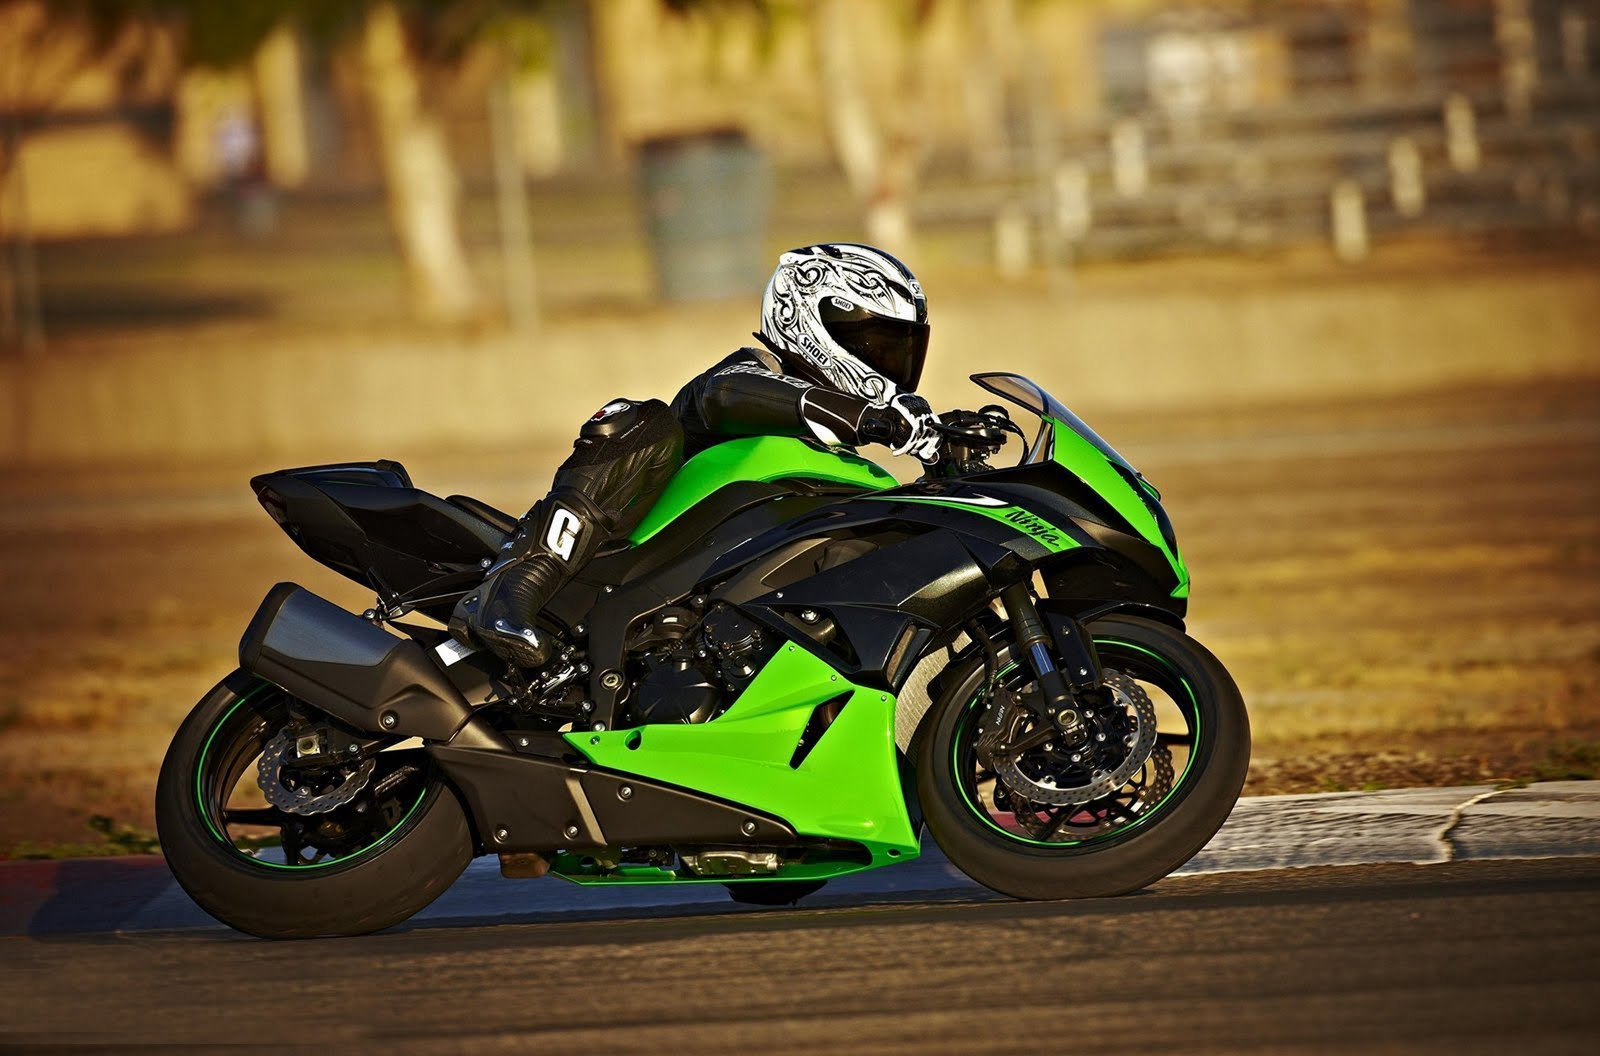 Kawasaki Ninja R Adjustable Handles